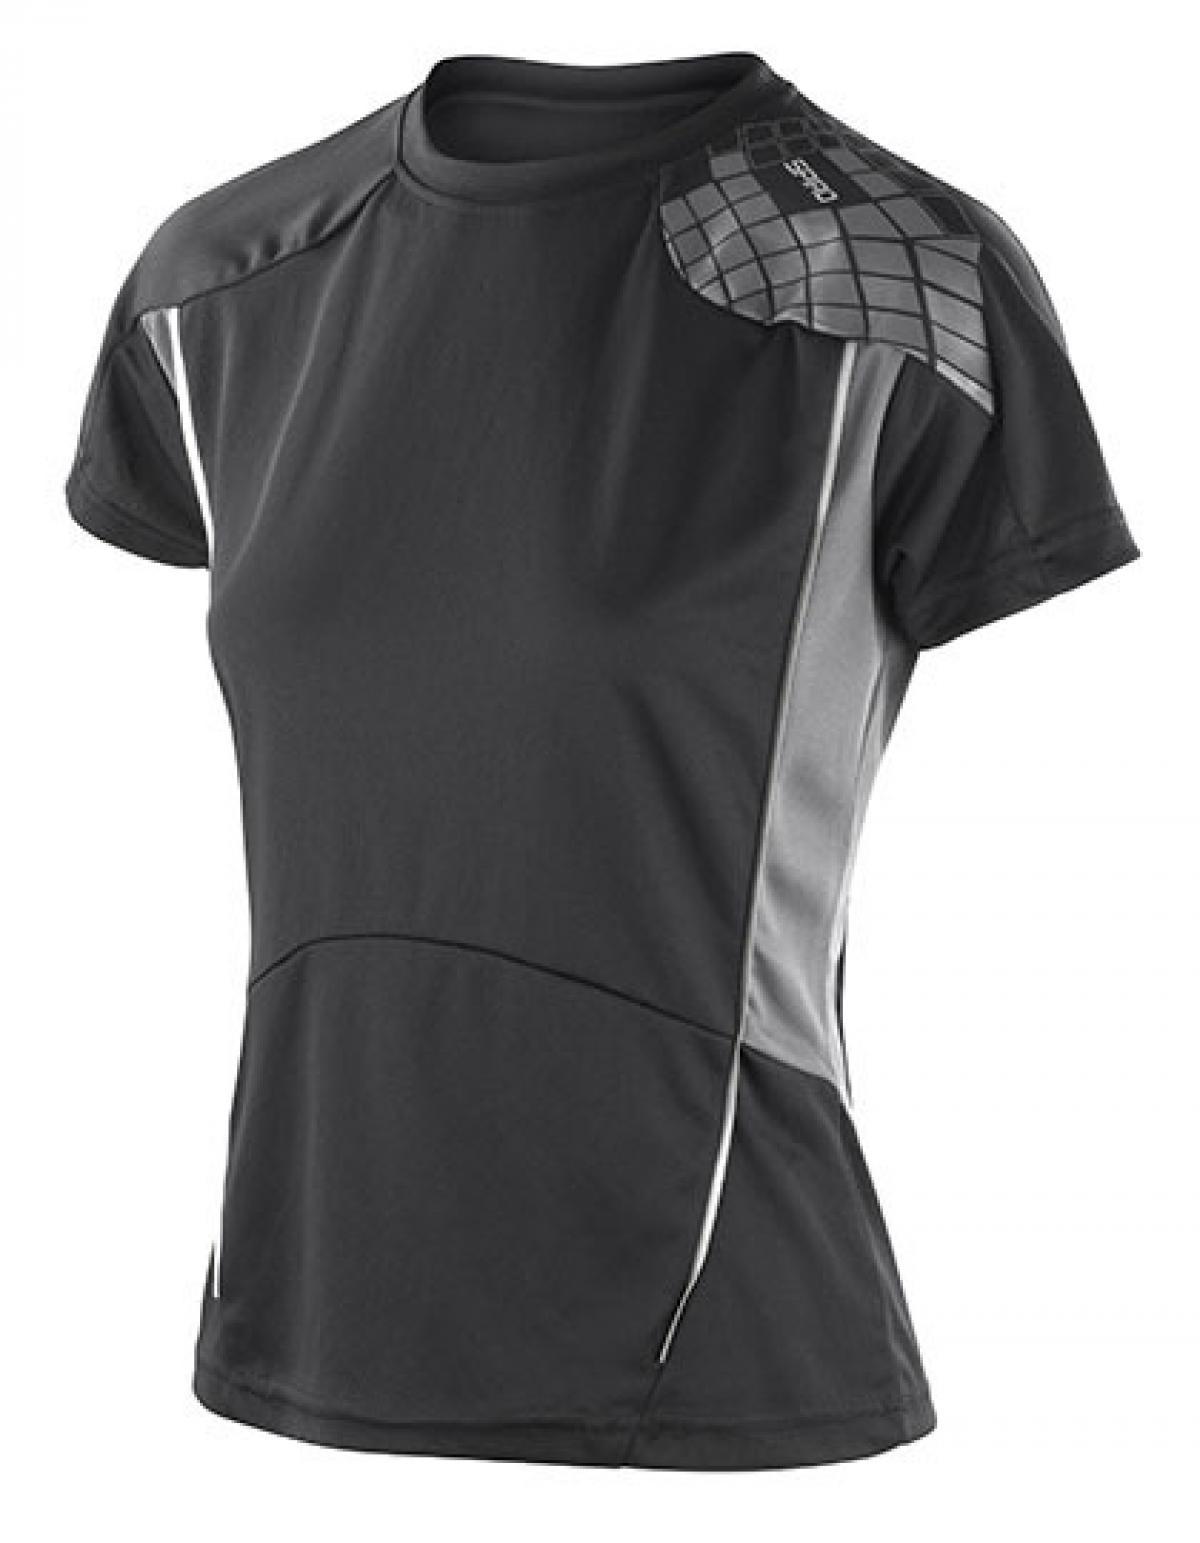 damen training sport bike t shirt rexlander s. Black Bedroom Furniture Sets. Home Design Ideas